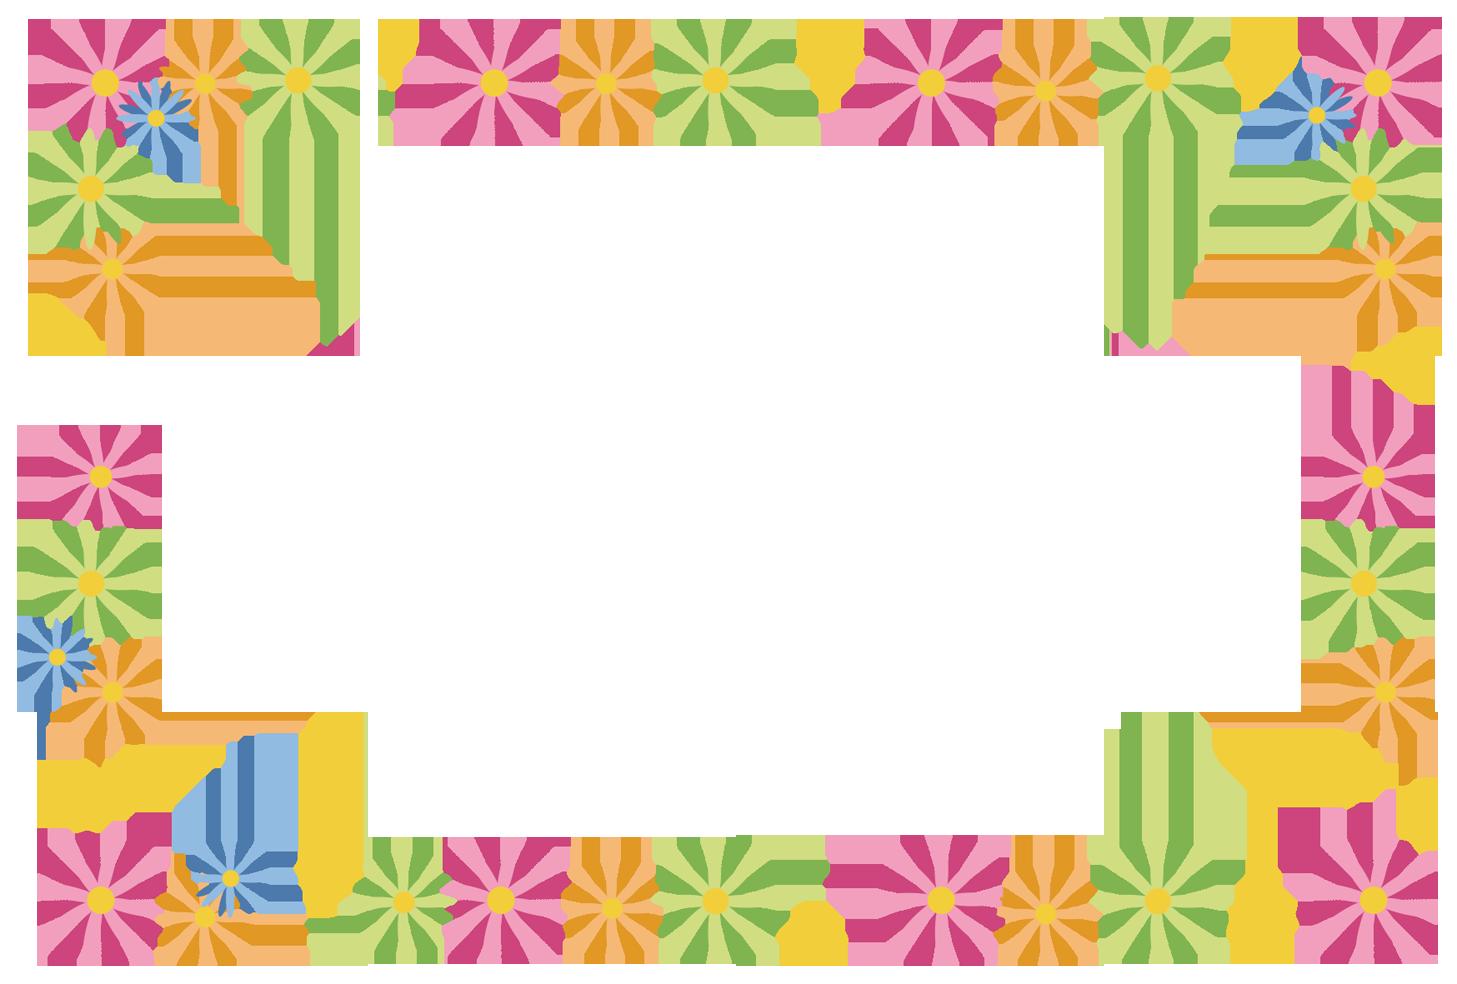 カラフルな花フレーム(ピンク)」 - 無料イラスト愛